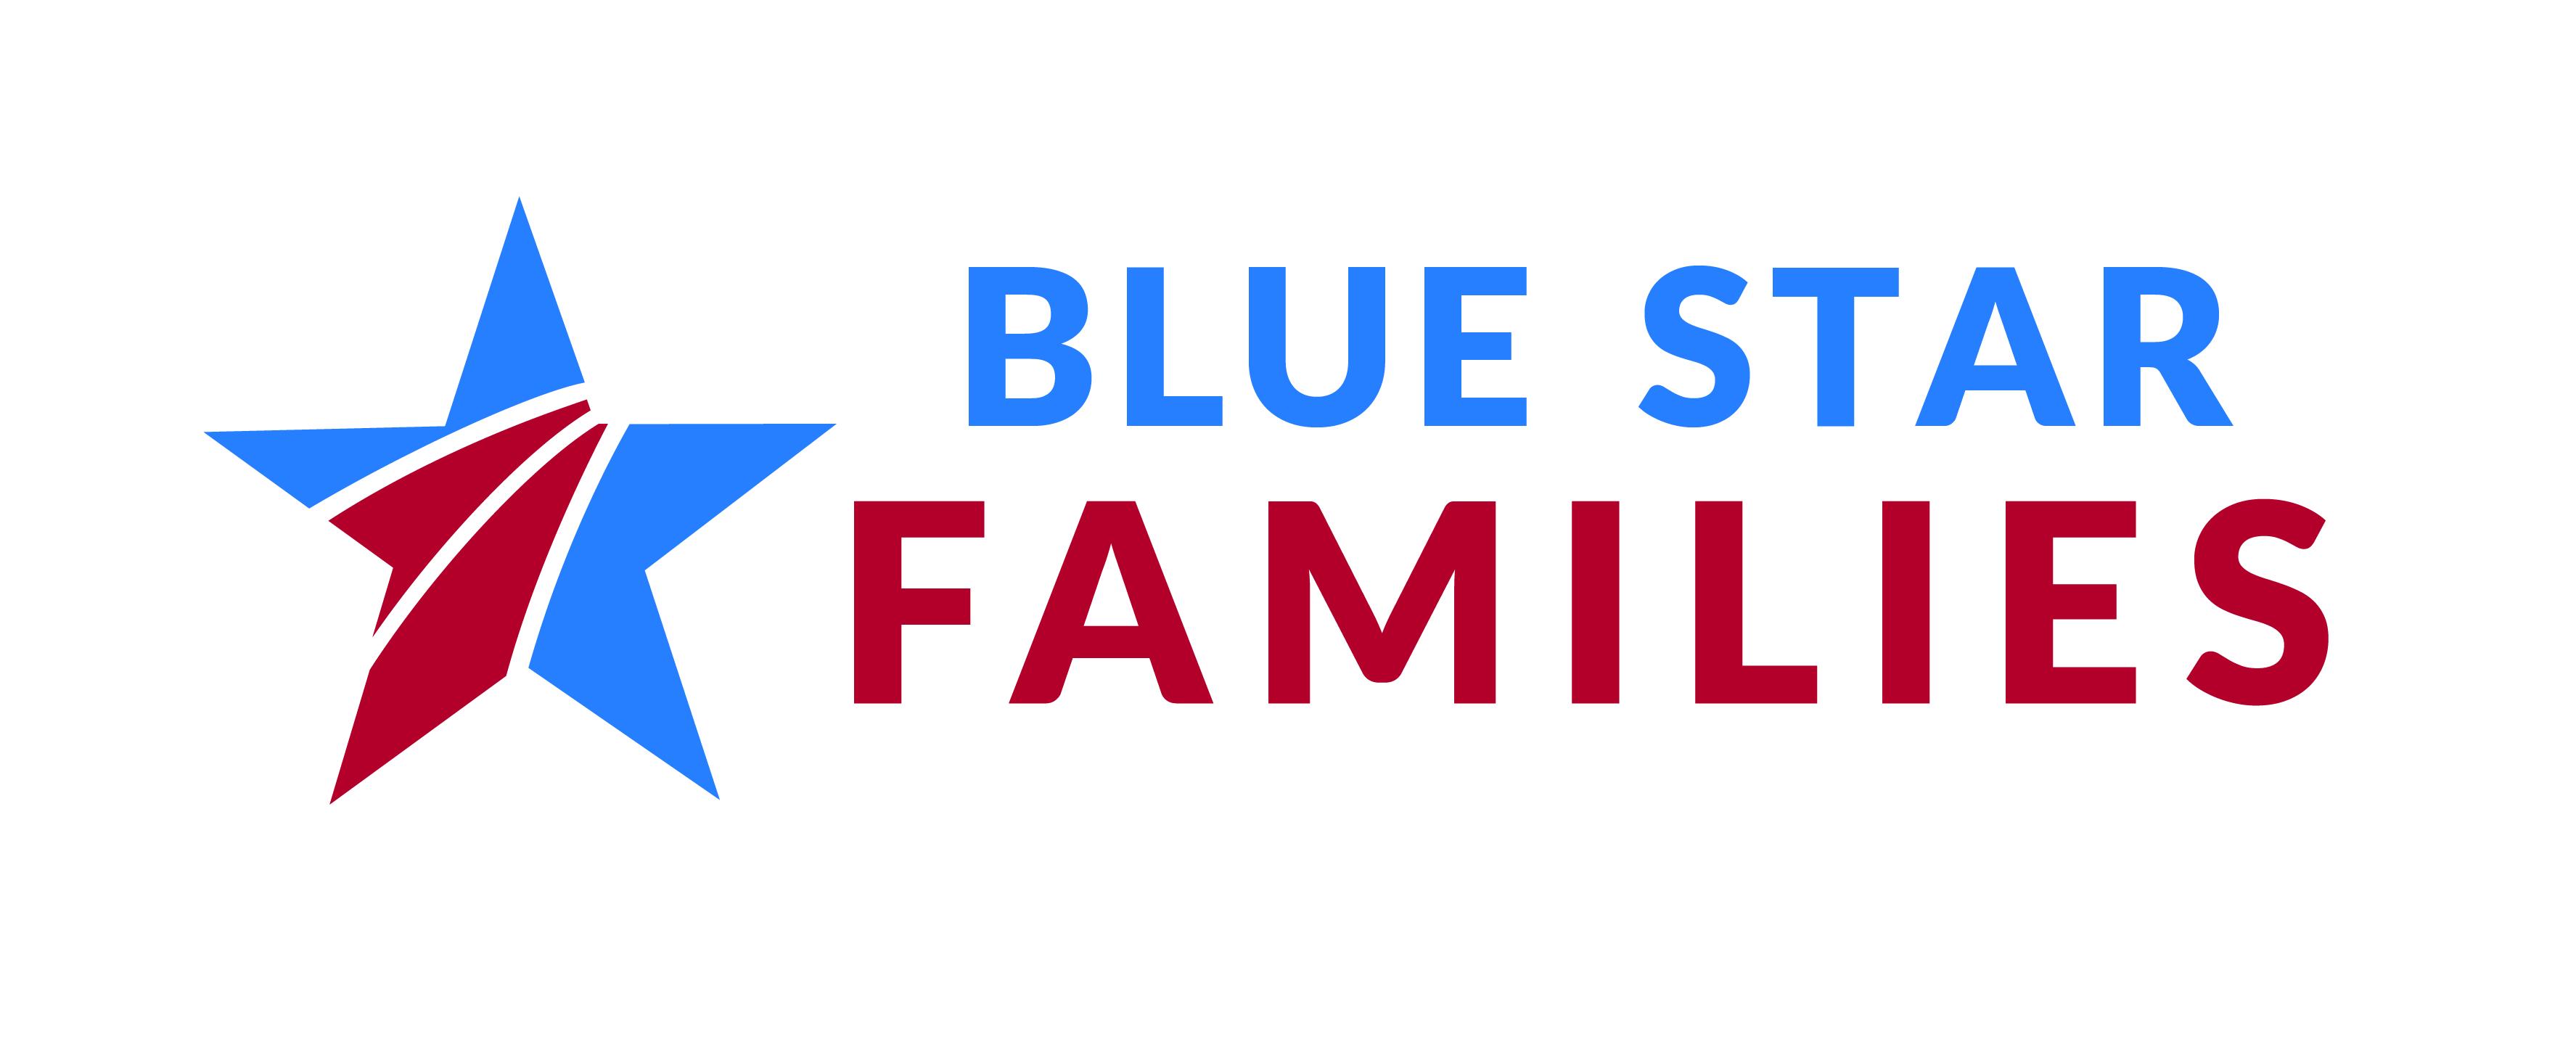 Blue Star Family